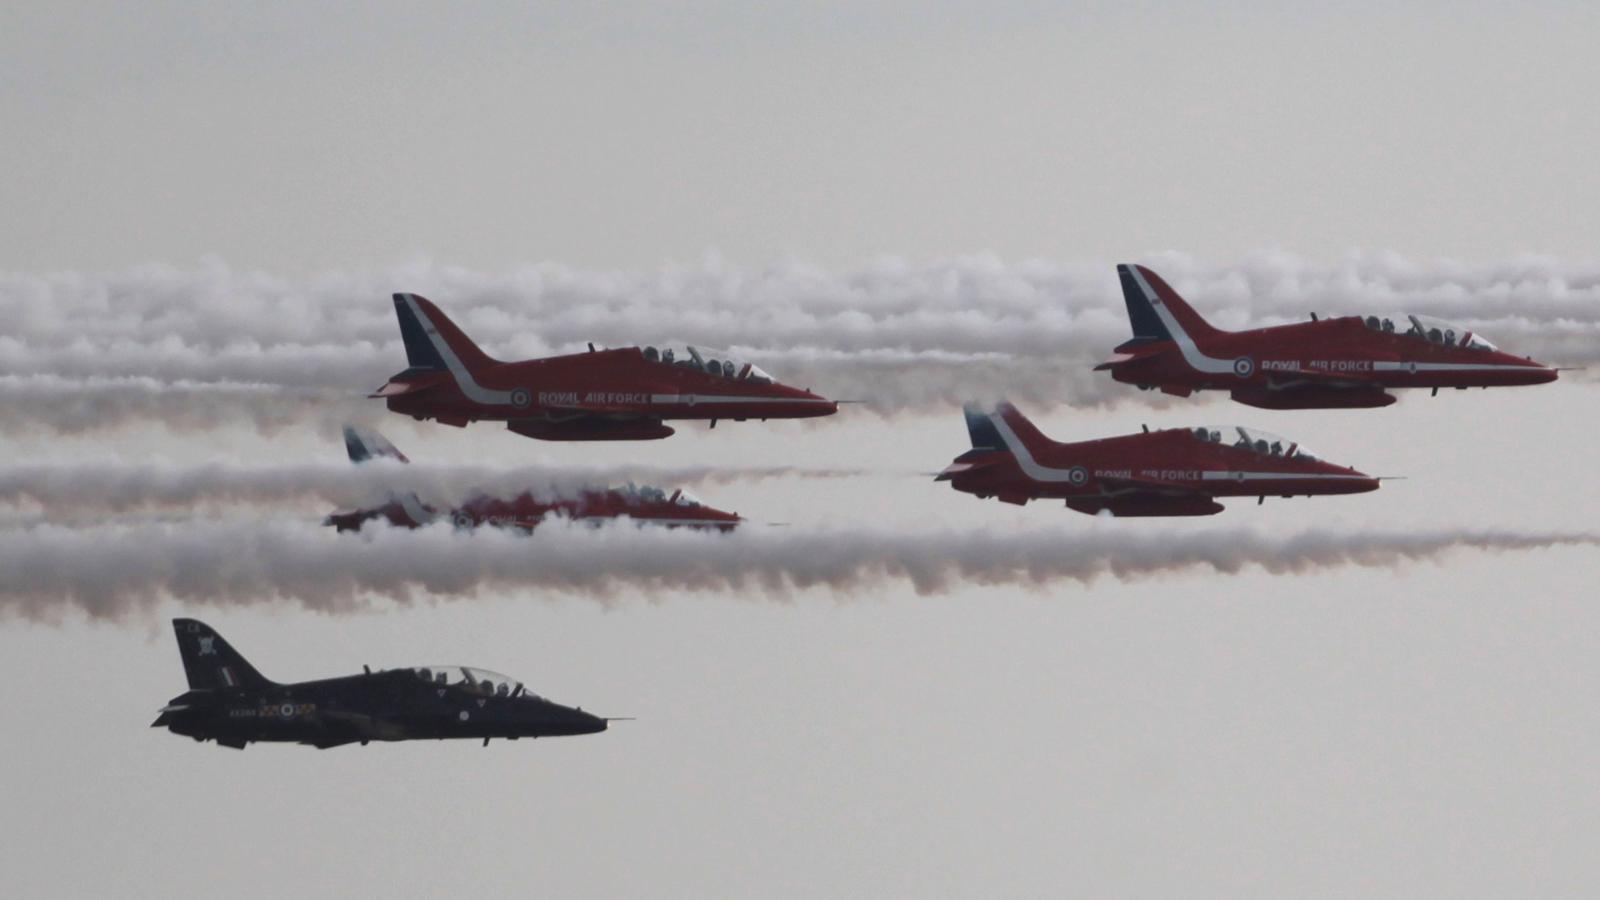 Els avions anglesos preparen la seva ofensiva  / Getty